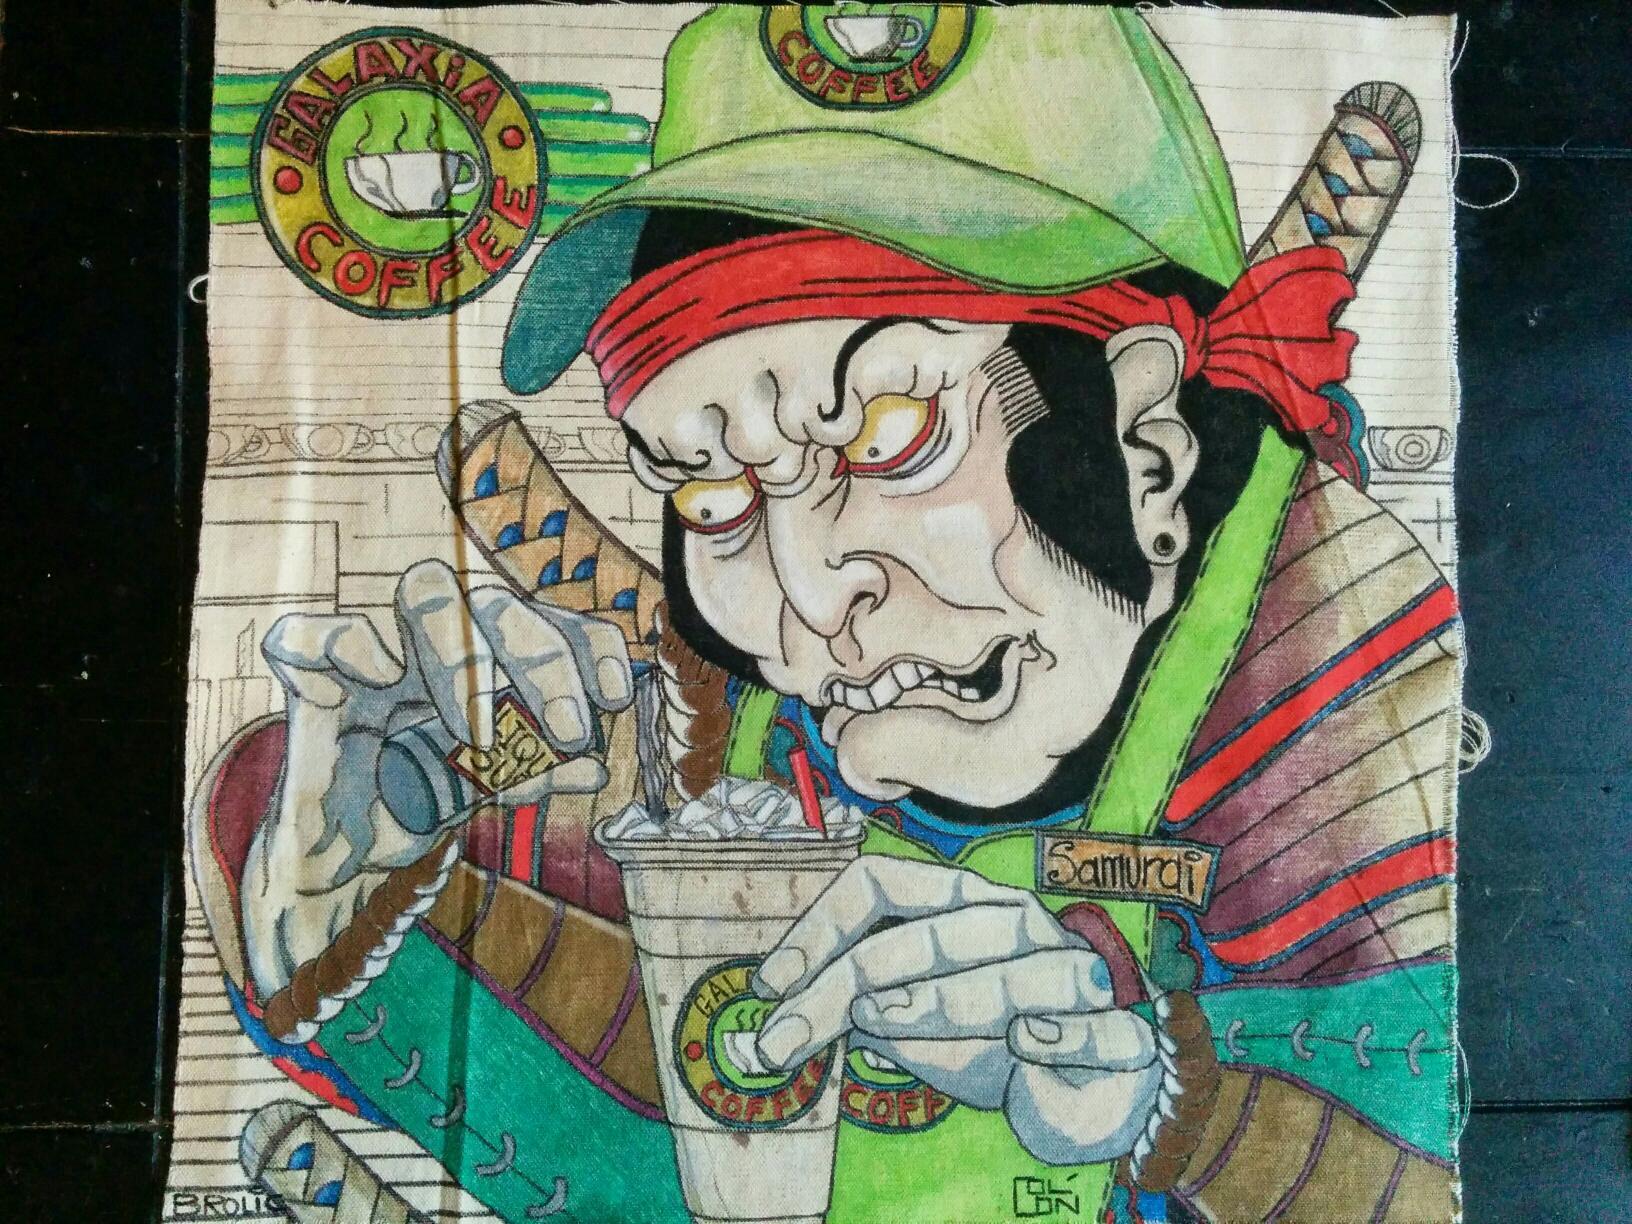 Samurai Barista